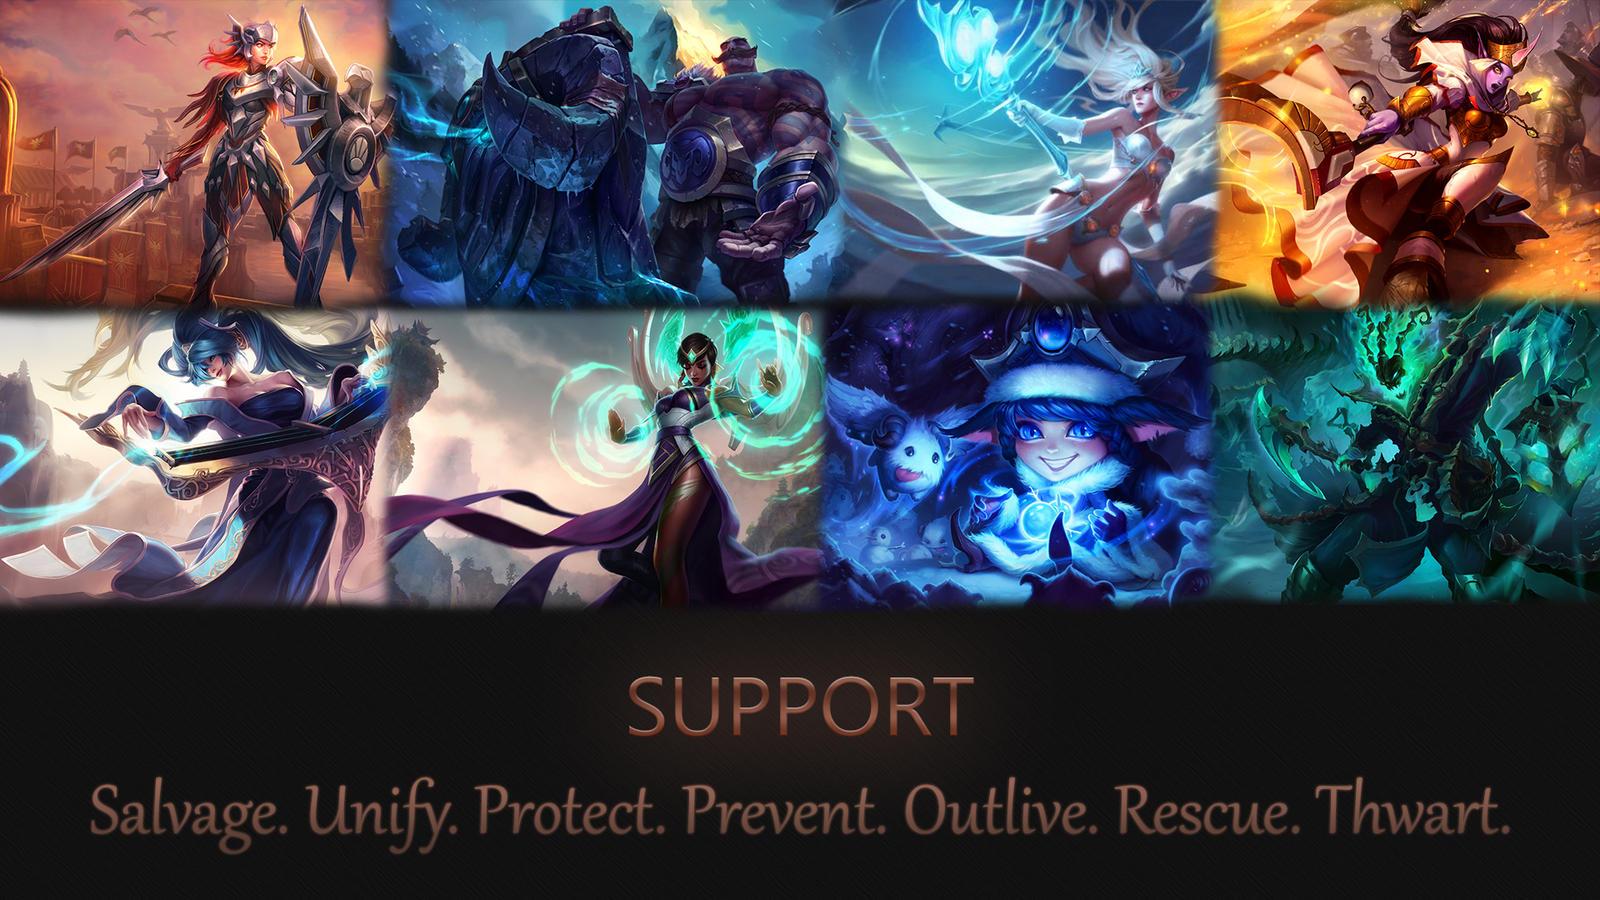 Support Wallpaper League Of Legends By Grv Mrdudu On Deviantart